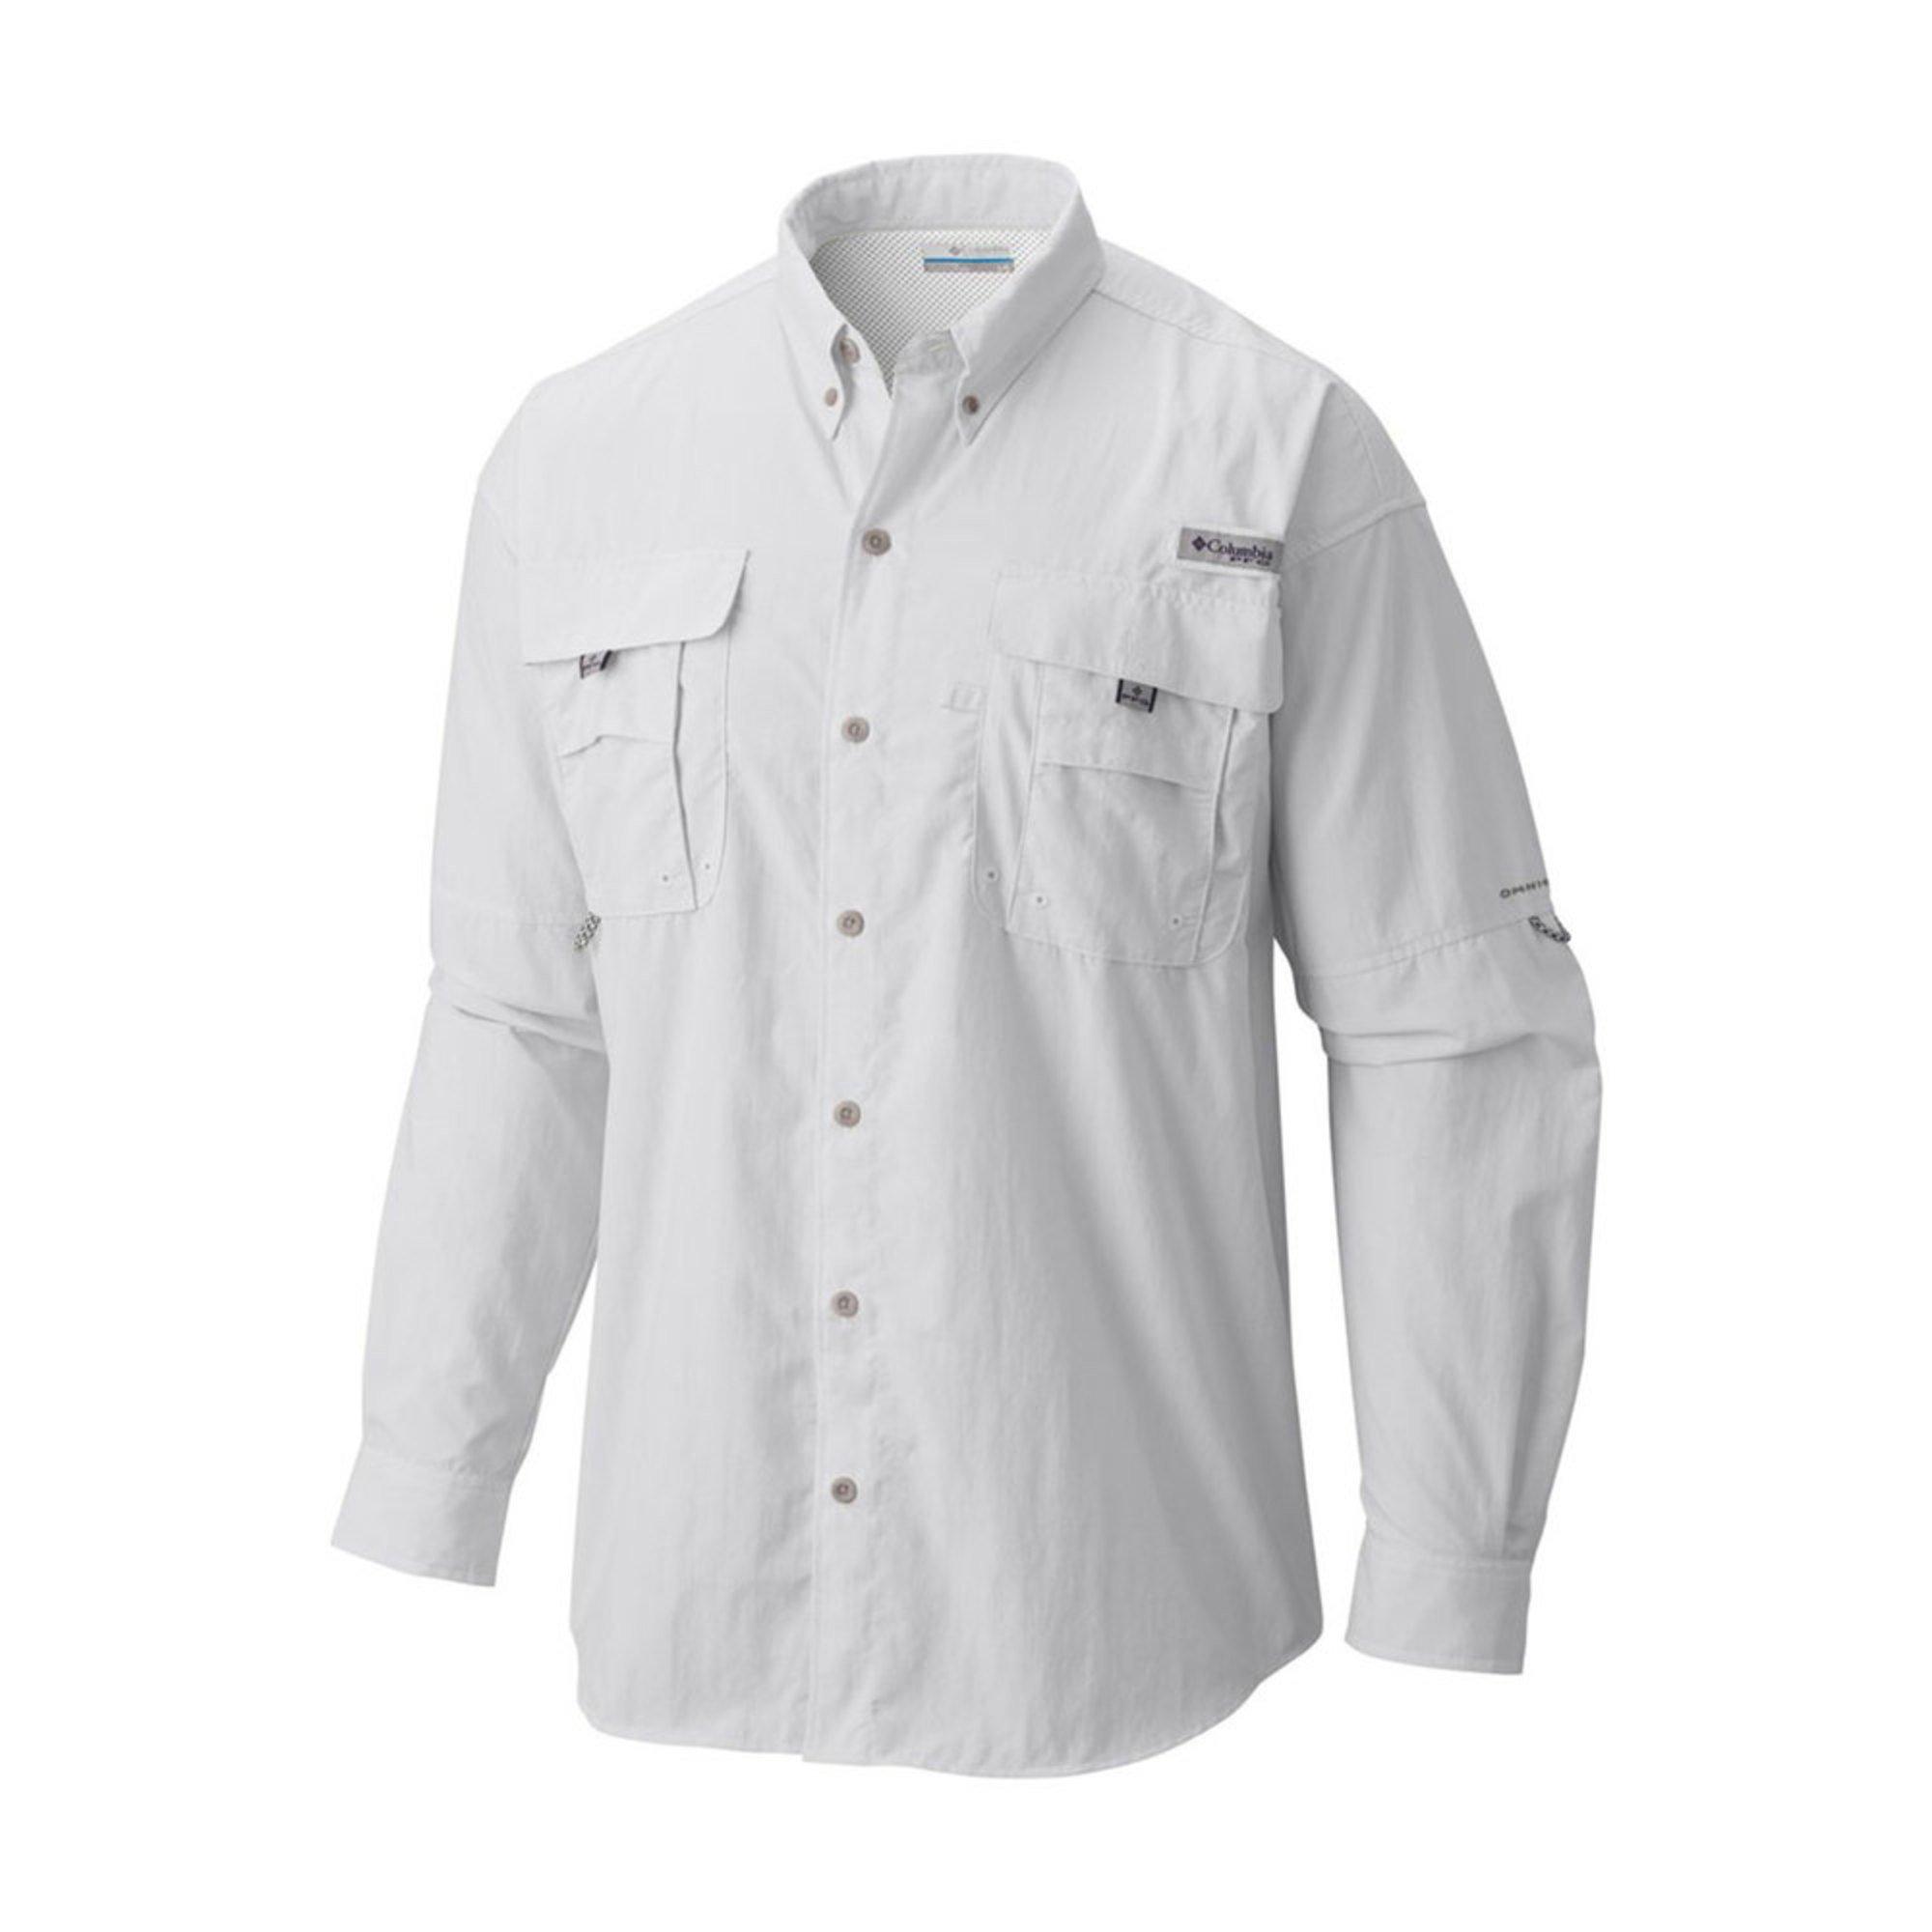 a98b13a5 Columbia Men's Pfg Bahama Ii Shirt | Outdoor Button Down Shirts ...